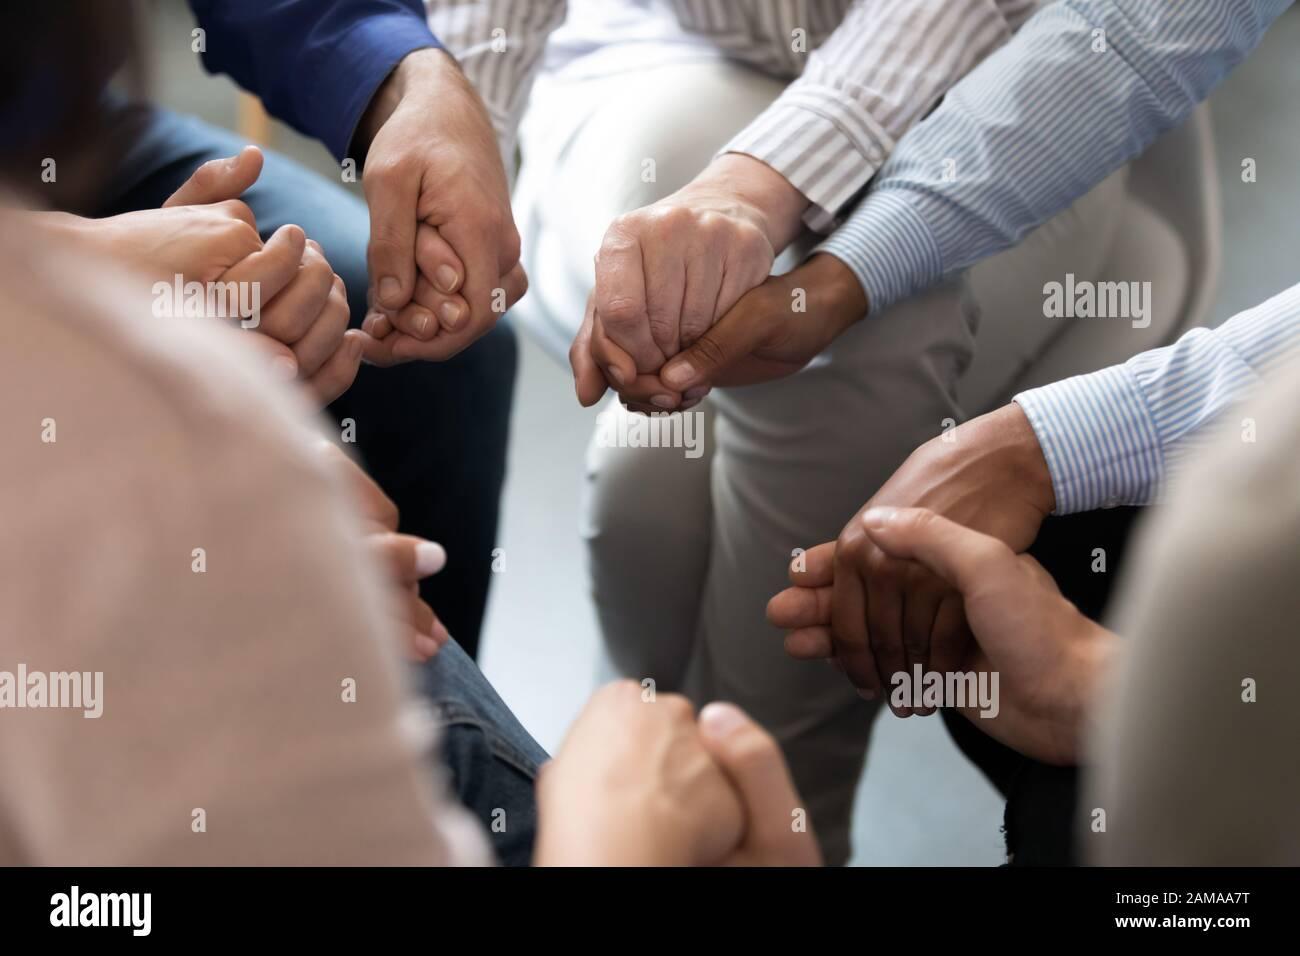 Menschen, die im Kreis sitzen und die Hände während der Gruppentherapiesitzung halten Stockfoto